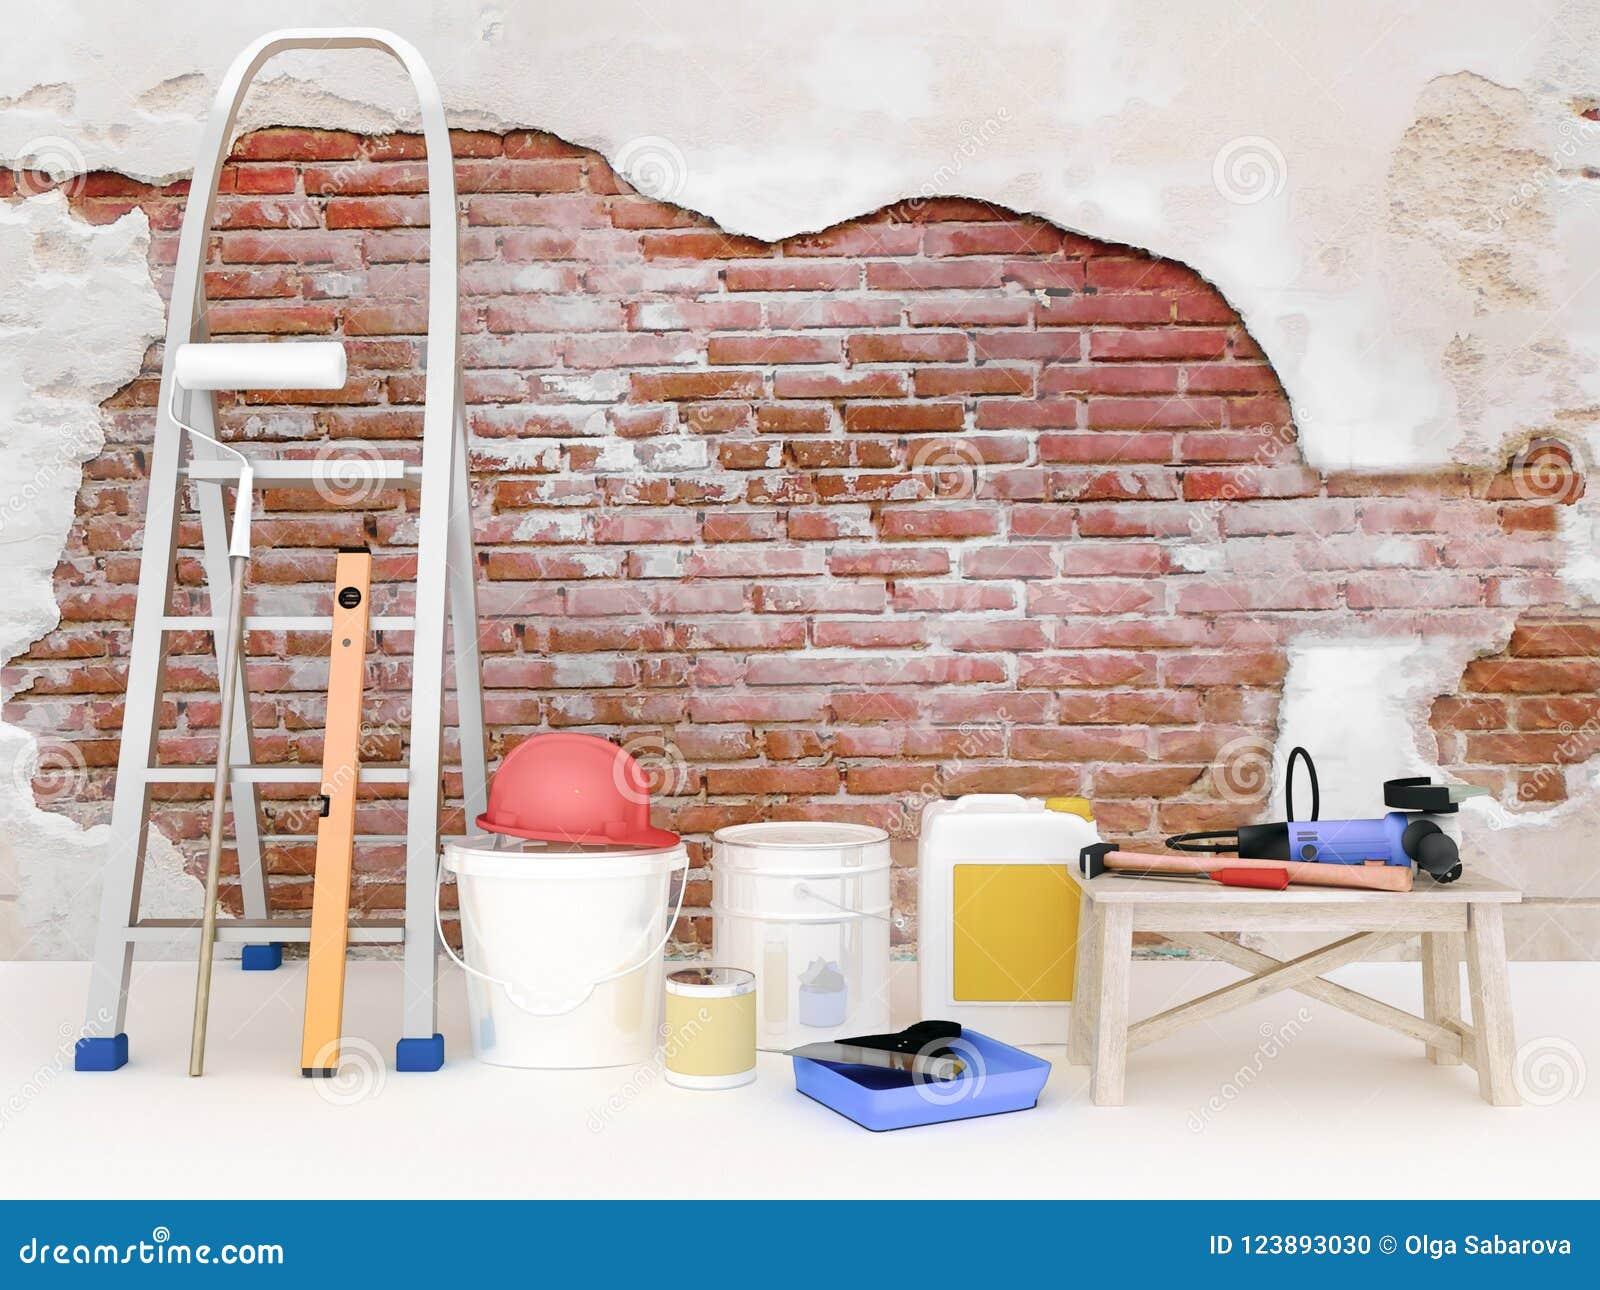 Wohnung Wand reparatur in der wohnung wand in einem hochbauhaus stockfoto - bild